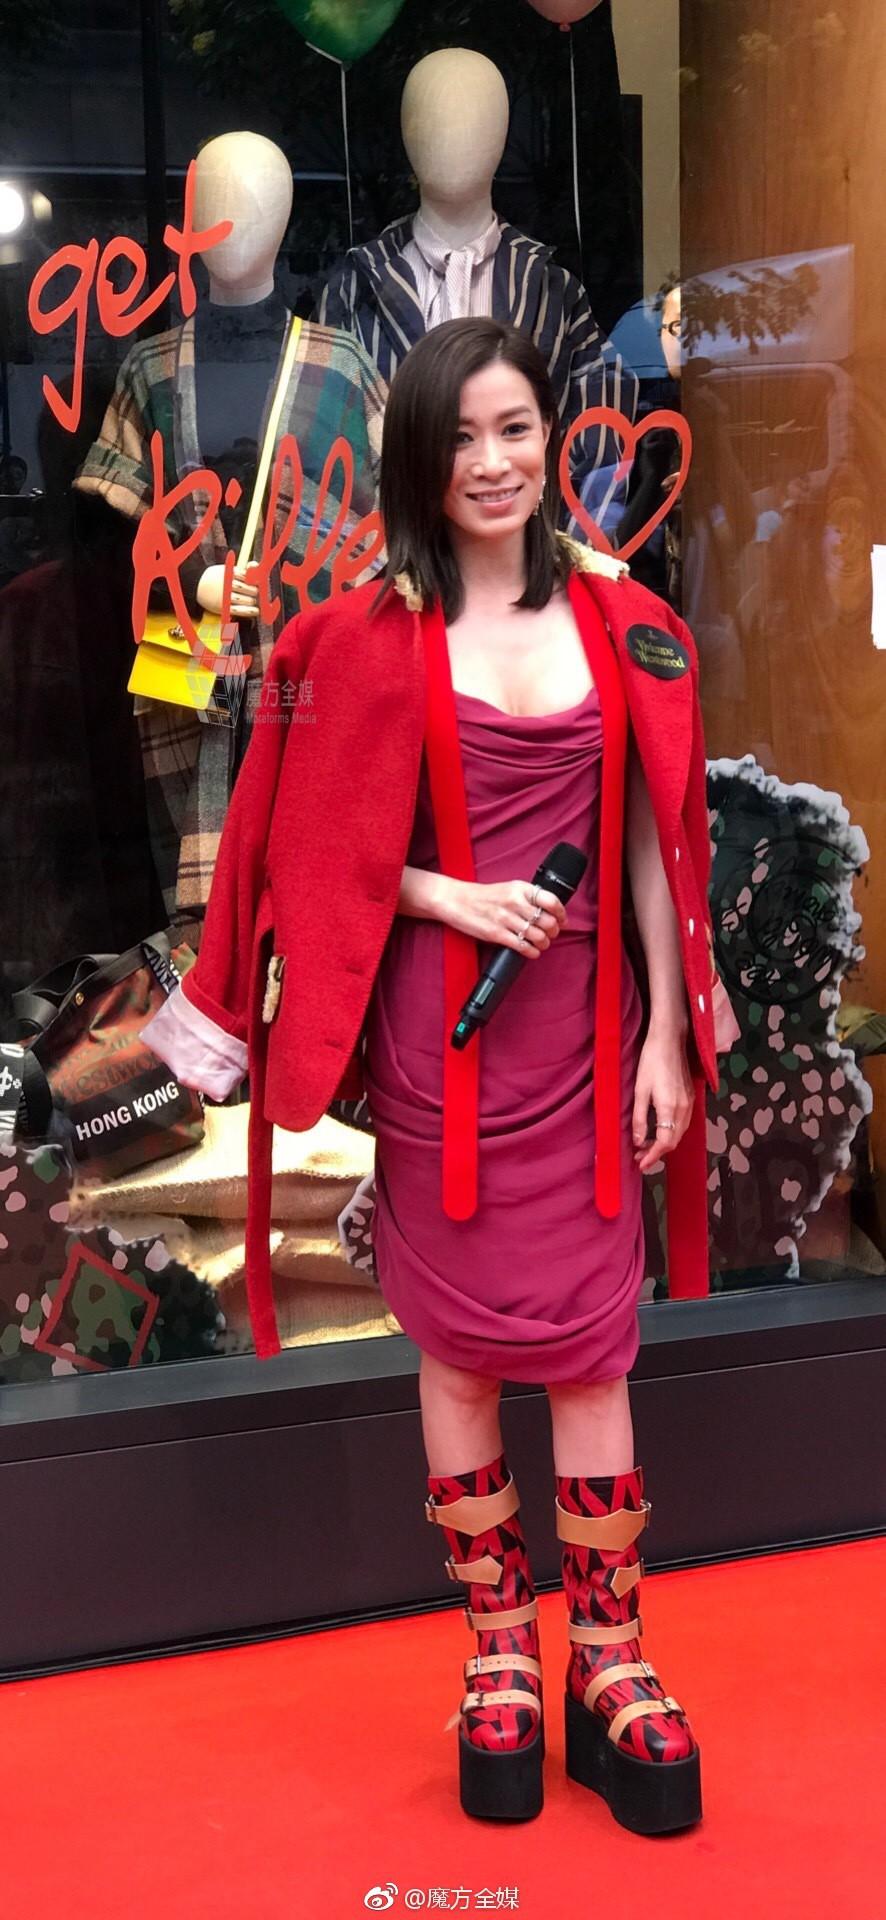 Halloween vừa qua, Giáng Sinh còn chưa tới nhưng Xa Thi Mạn đã rất hào hứng nhập cuộc với set đồ cosplay cây thông Noel - Ảnh 3.